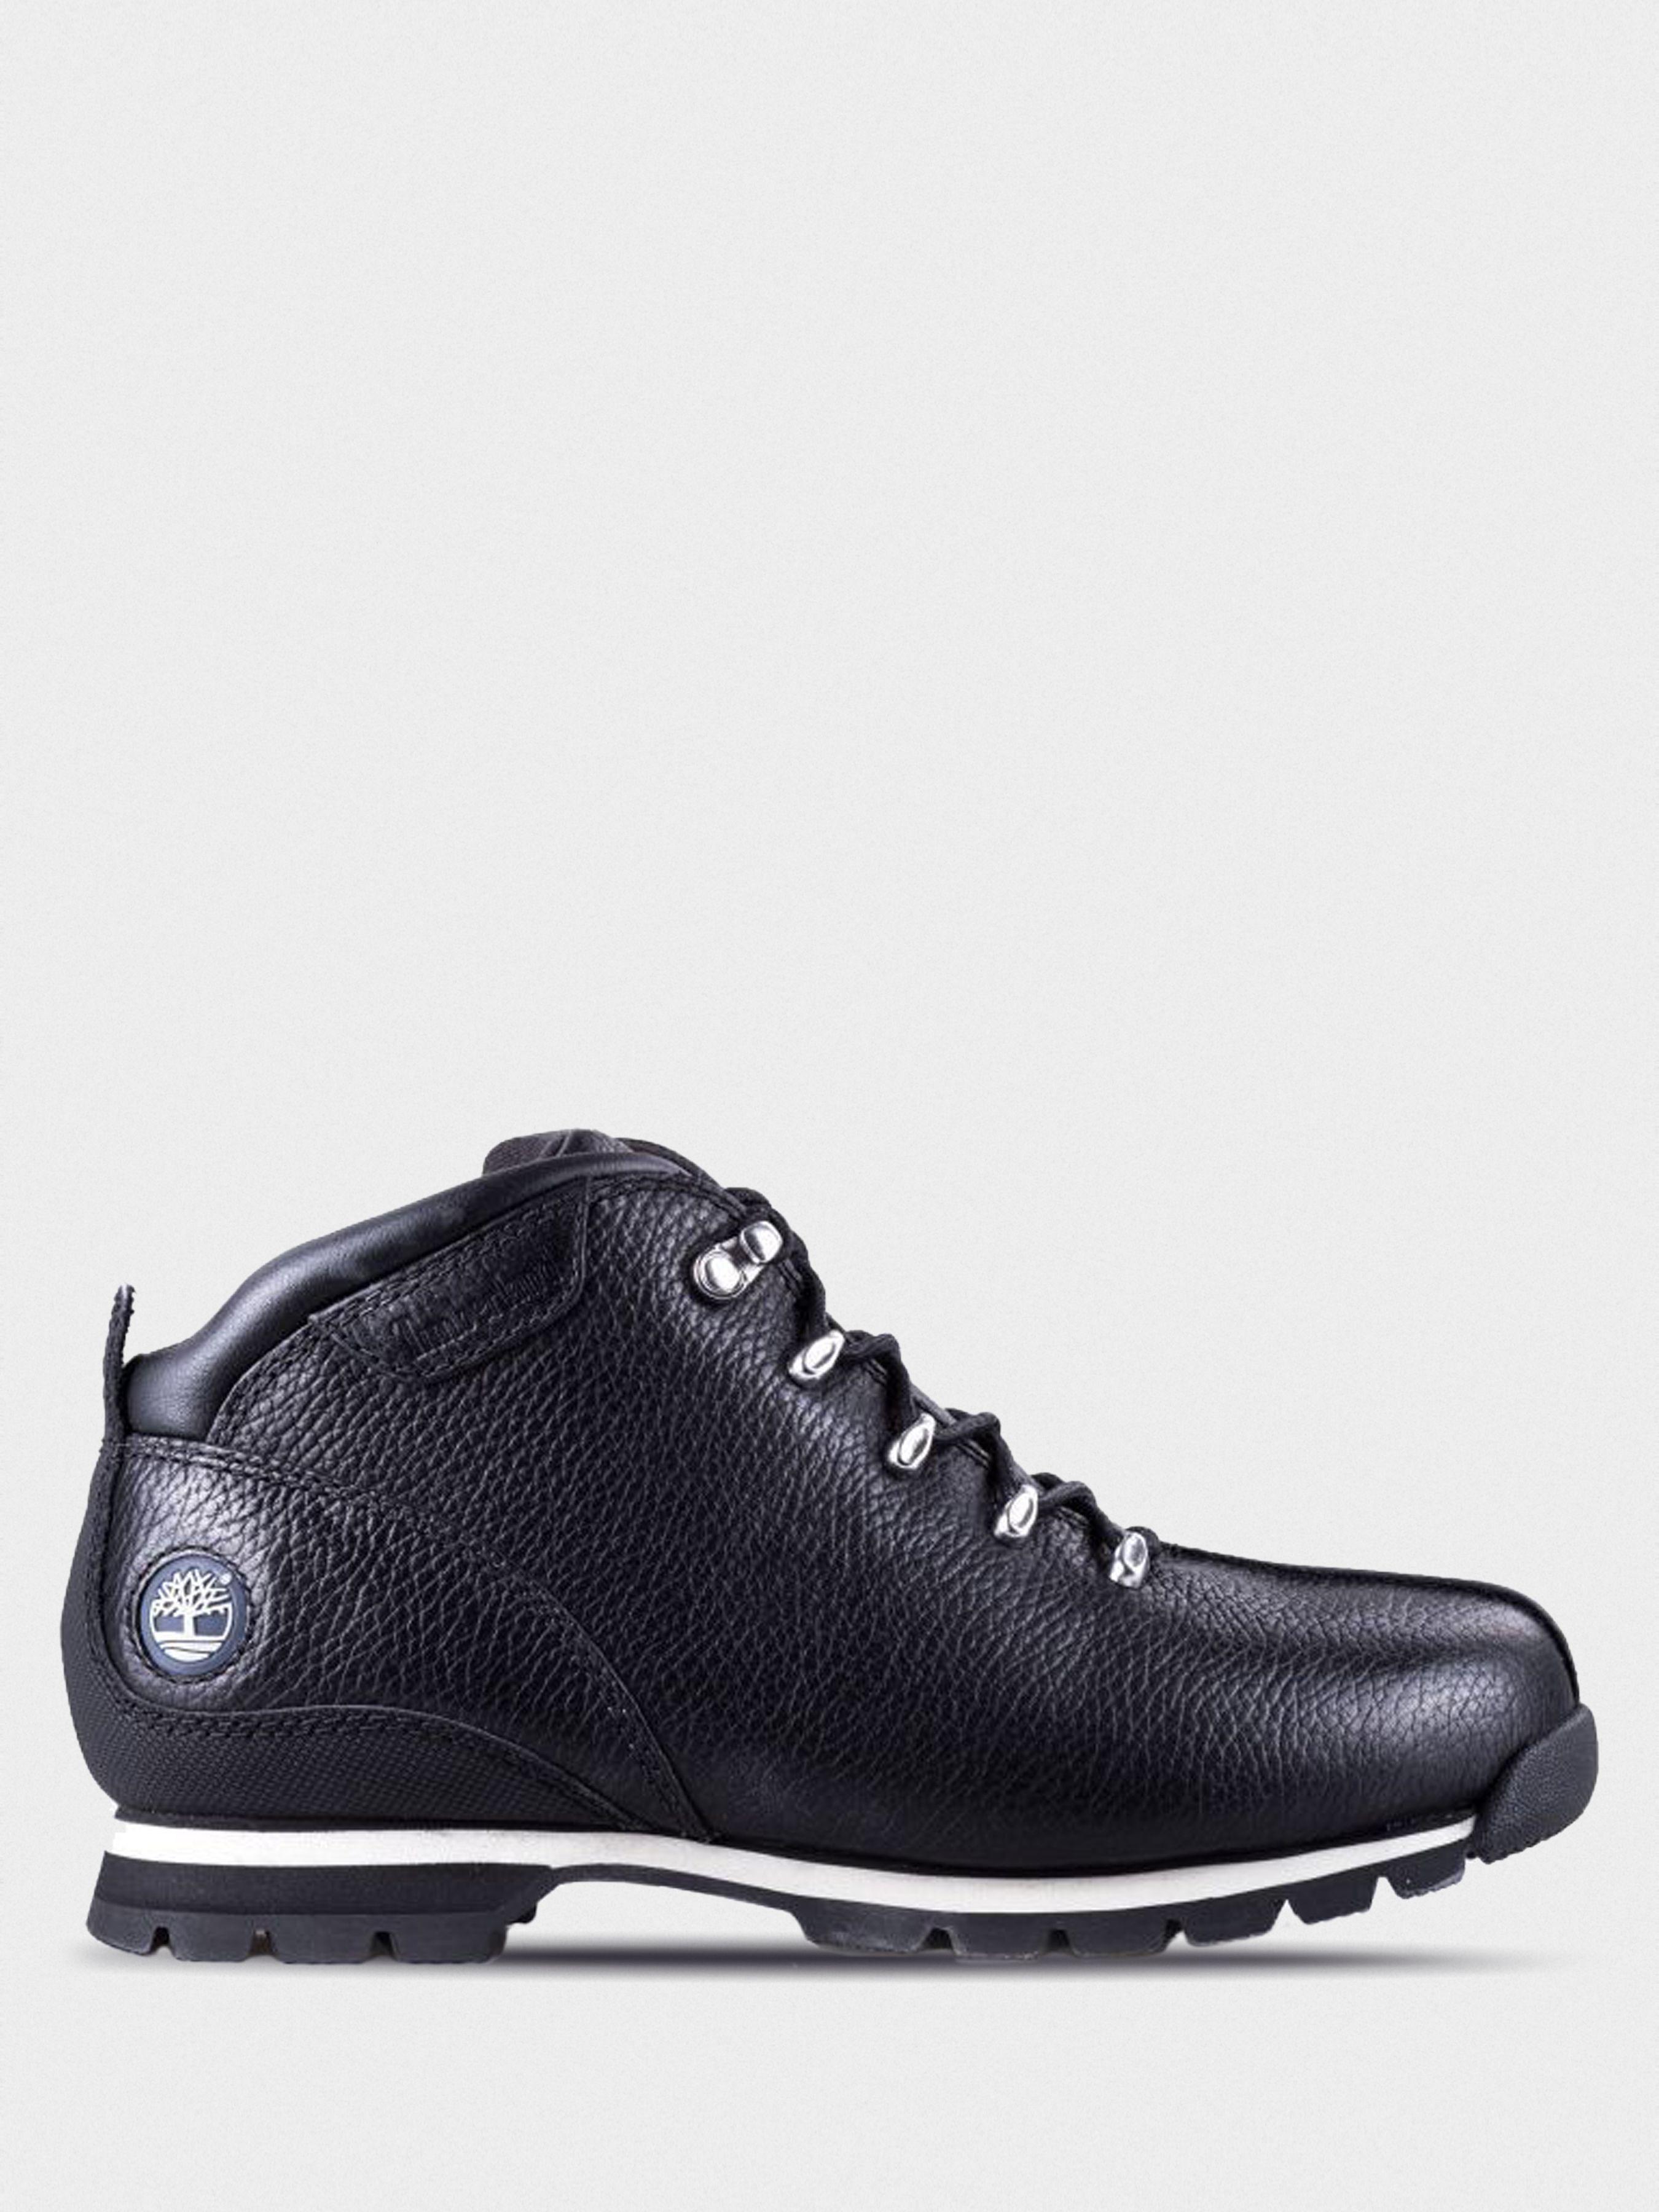 Ботинки мужские Timberland Splitrock TF3775, Черный  - купить со скидкой